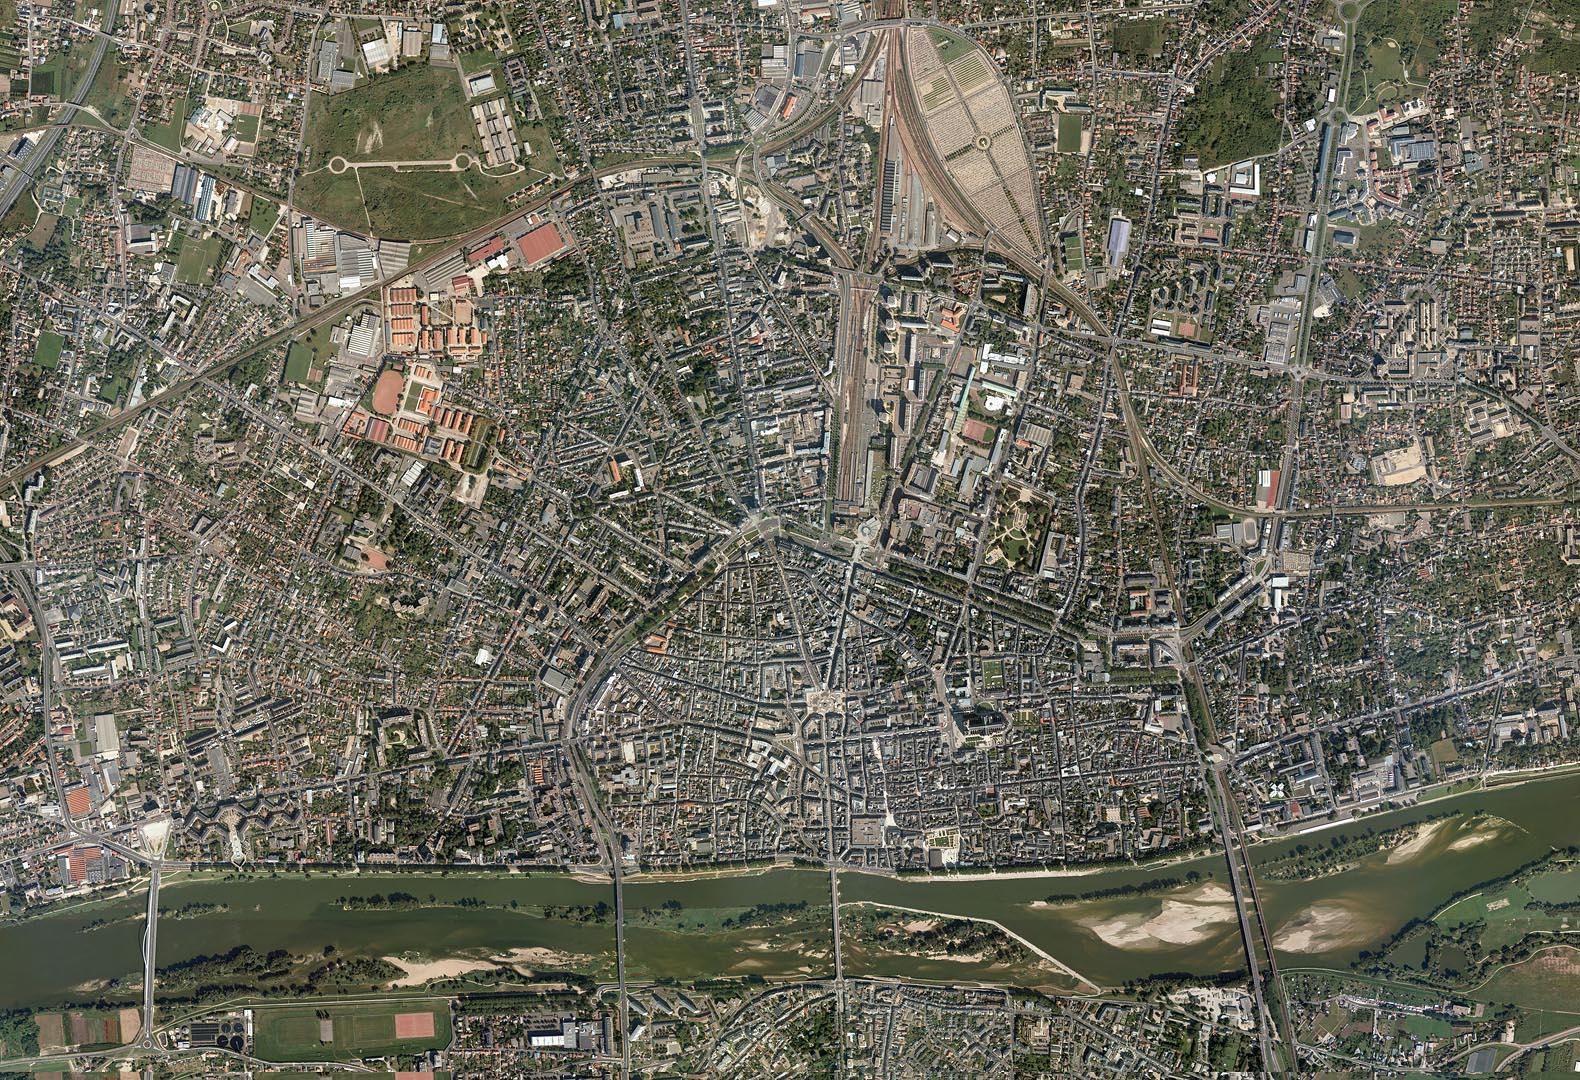 Archéologie de la ville d'Orléans, carte des sites de fouilles